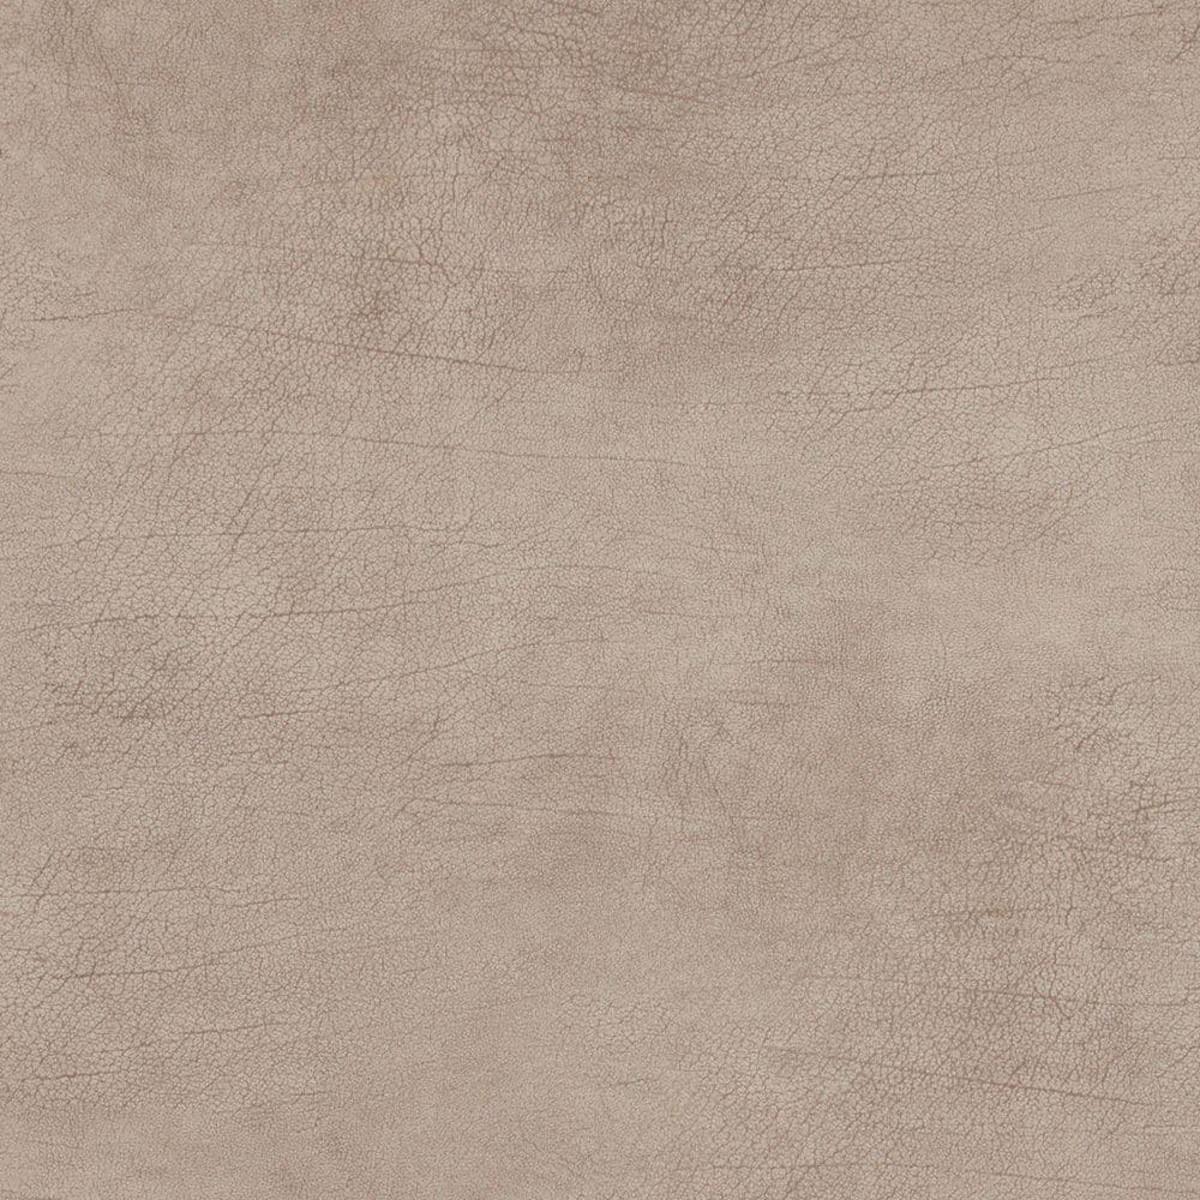 Обои флизелиновые Bn International Curious коричневые 0.53 м 17921